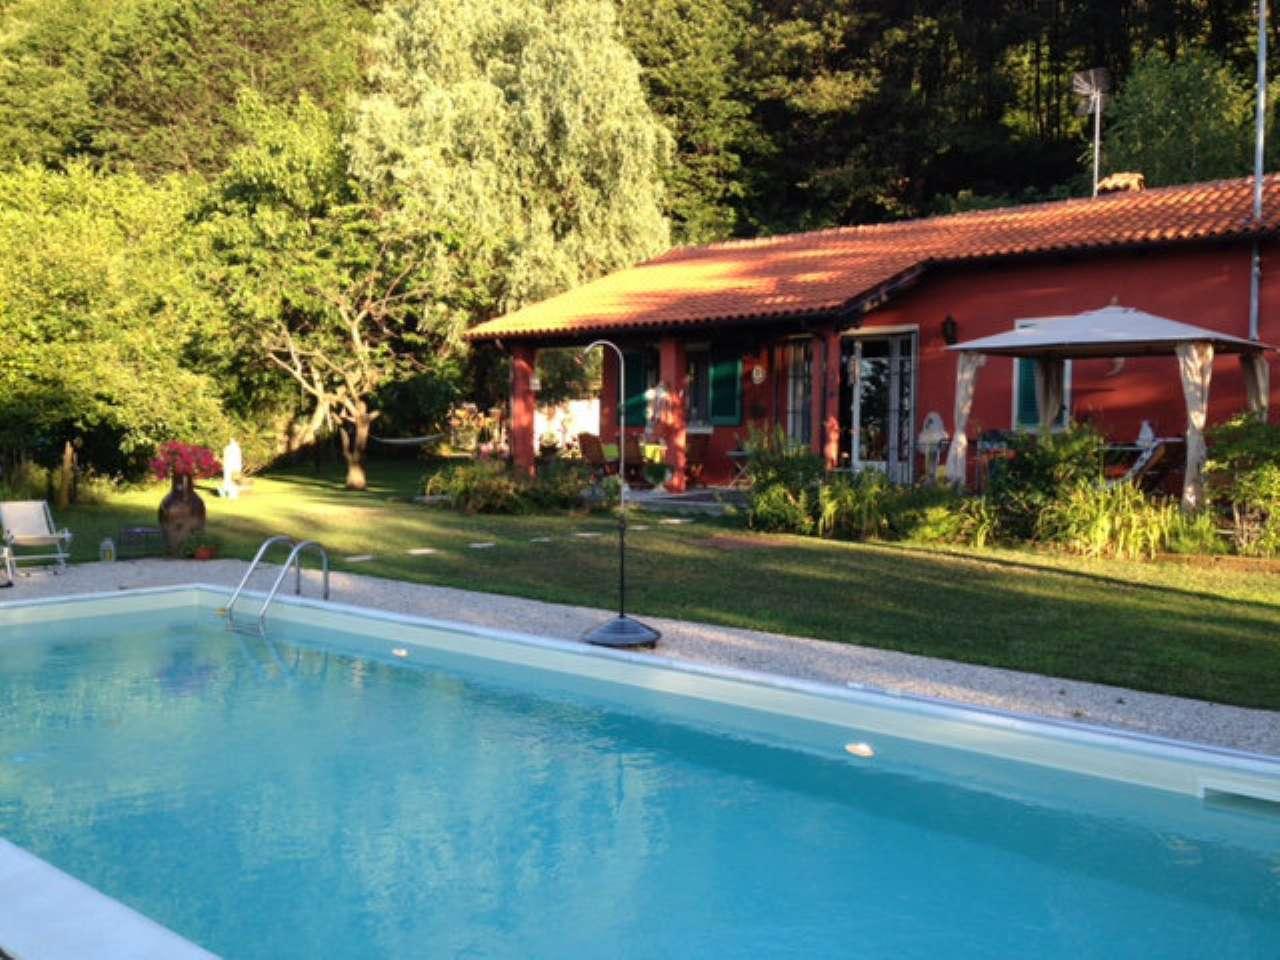 Villa in vendita a Martiniana Po, 4 locali, prezzo € 315.000 | Cambio Casa.it